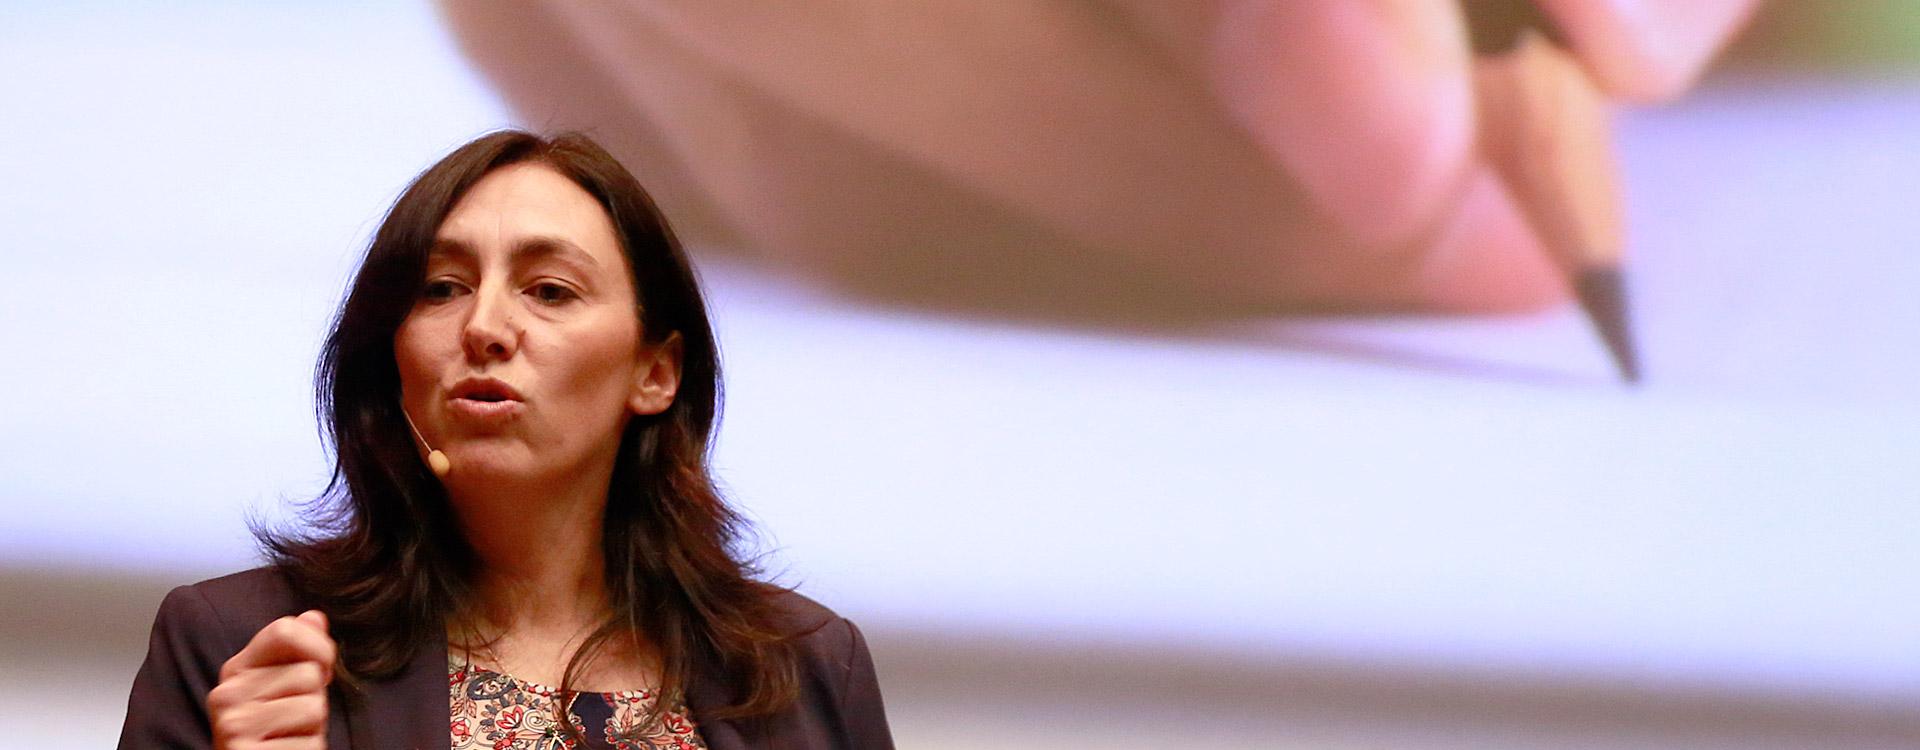 Leticia Britos en conferencia.